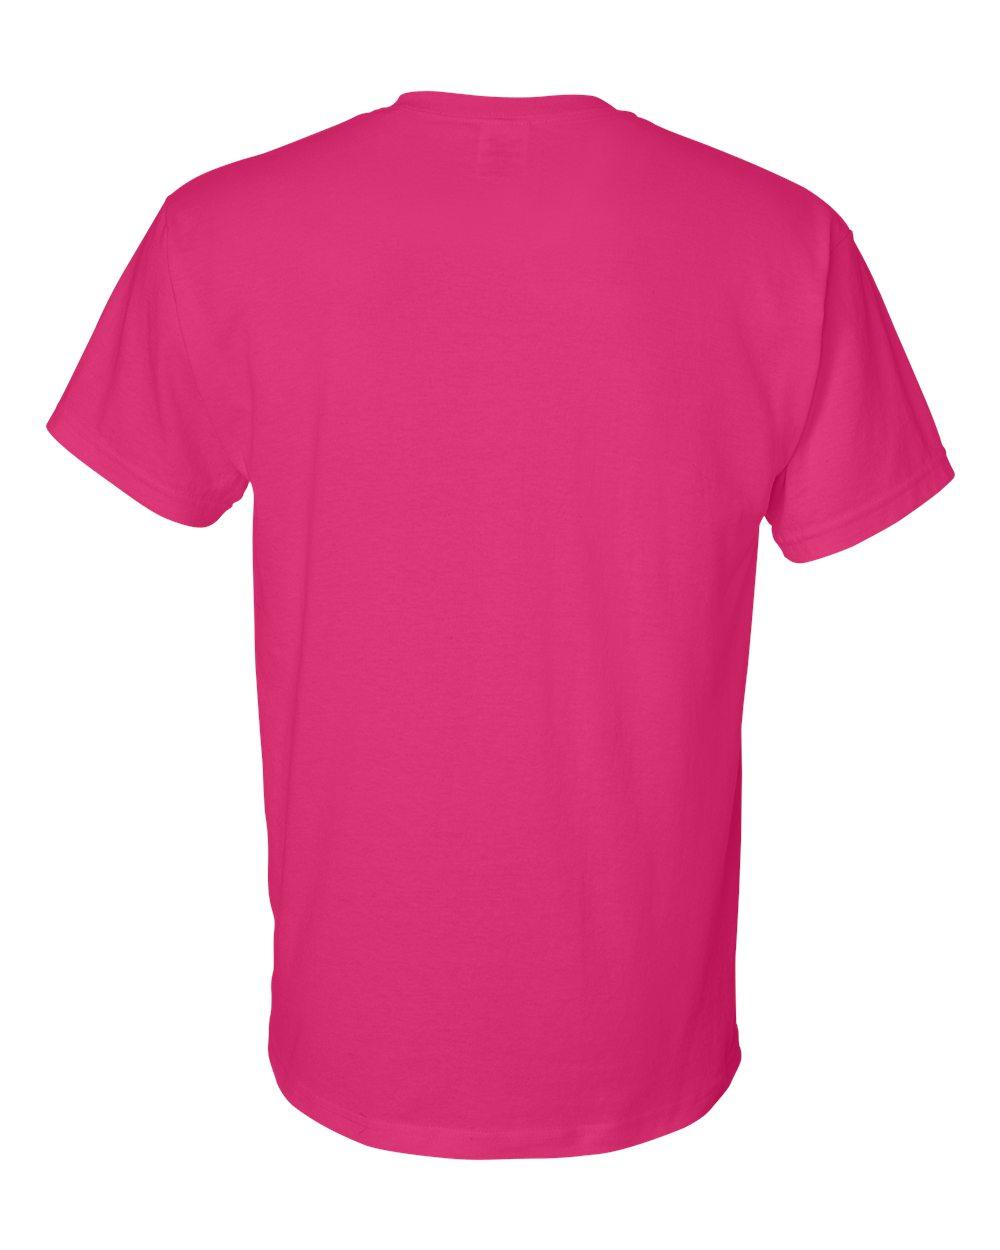 Gildan-Mens-DryBlend-5-6-oz-50-50-T-Shirt-G800-Size-S-5XL thumbnail 36